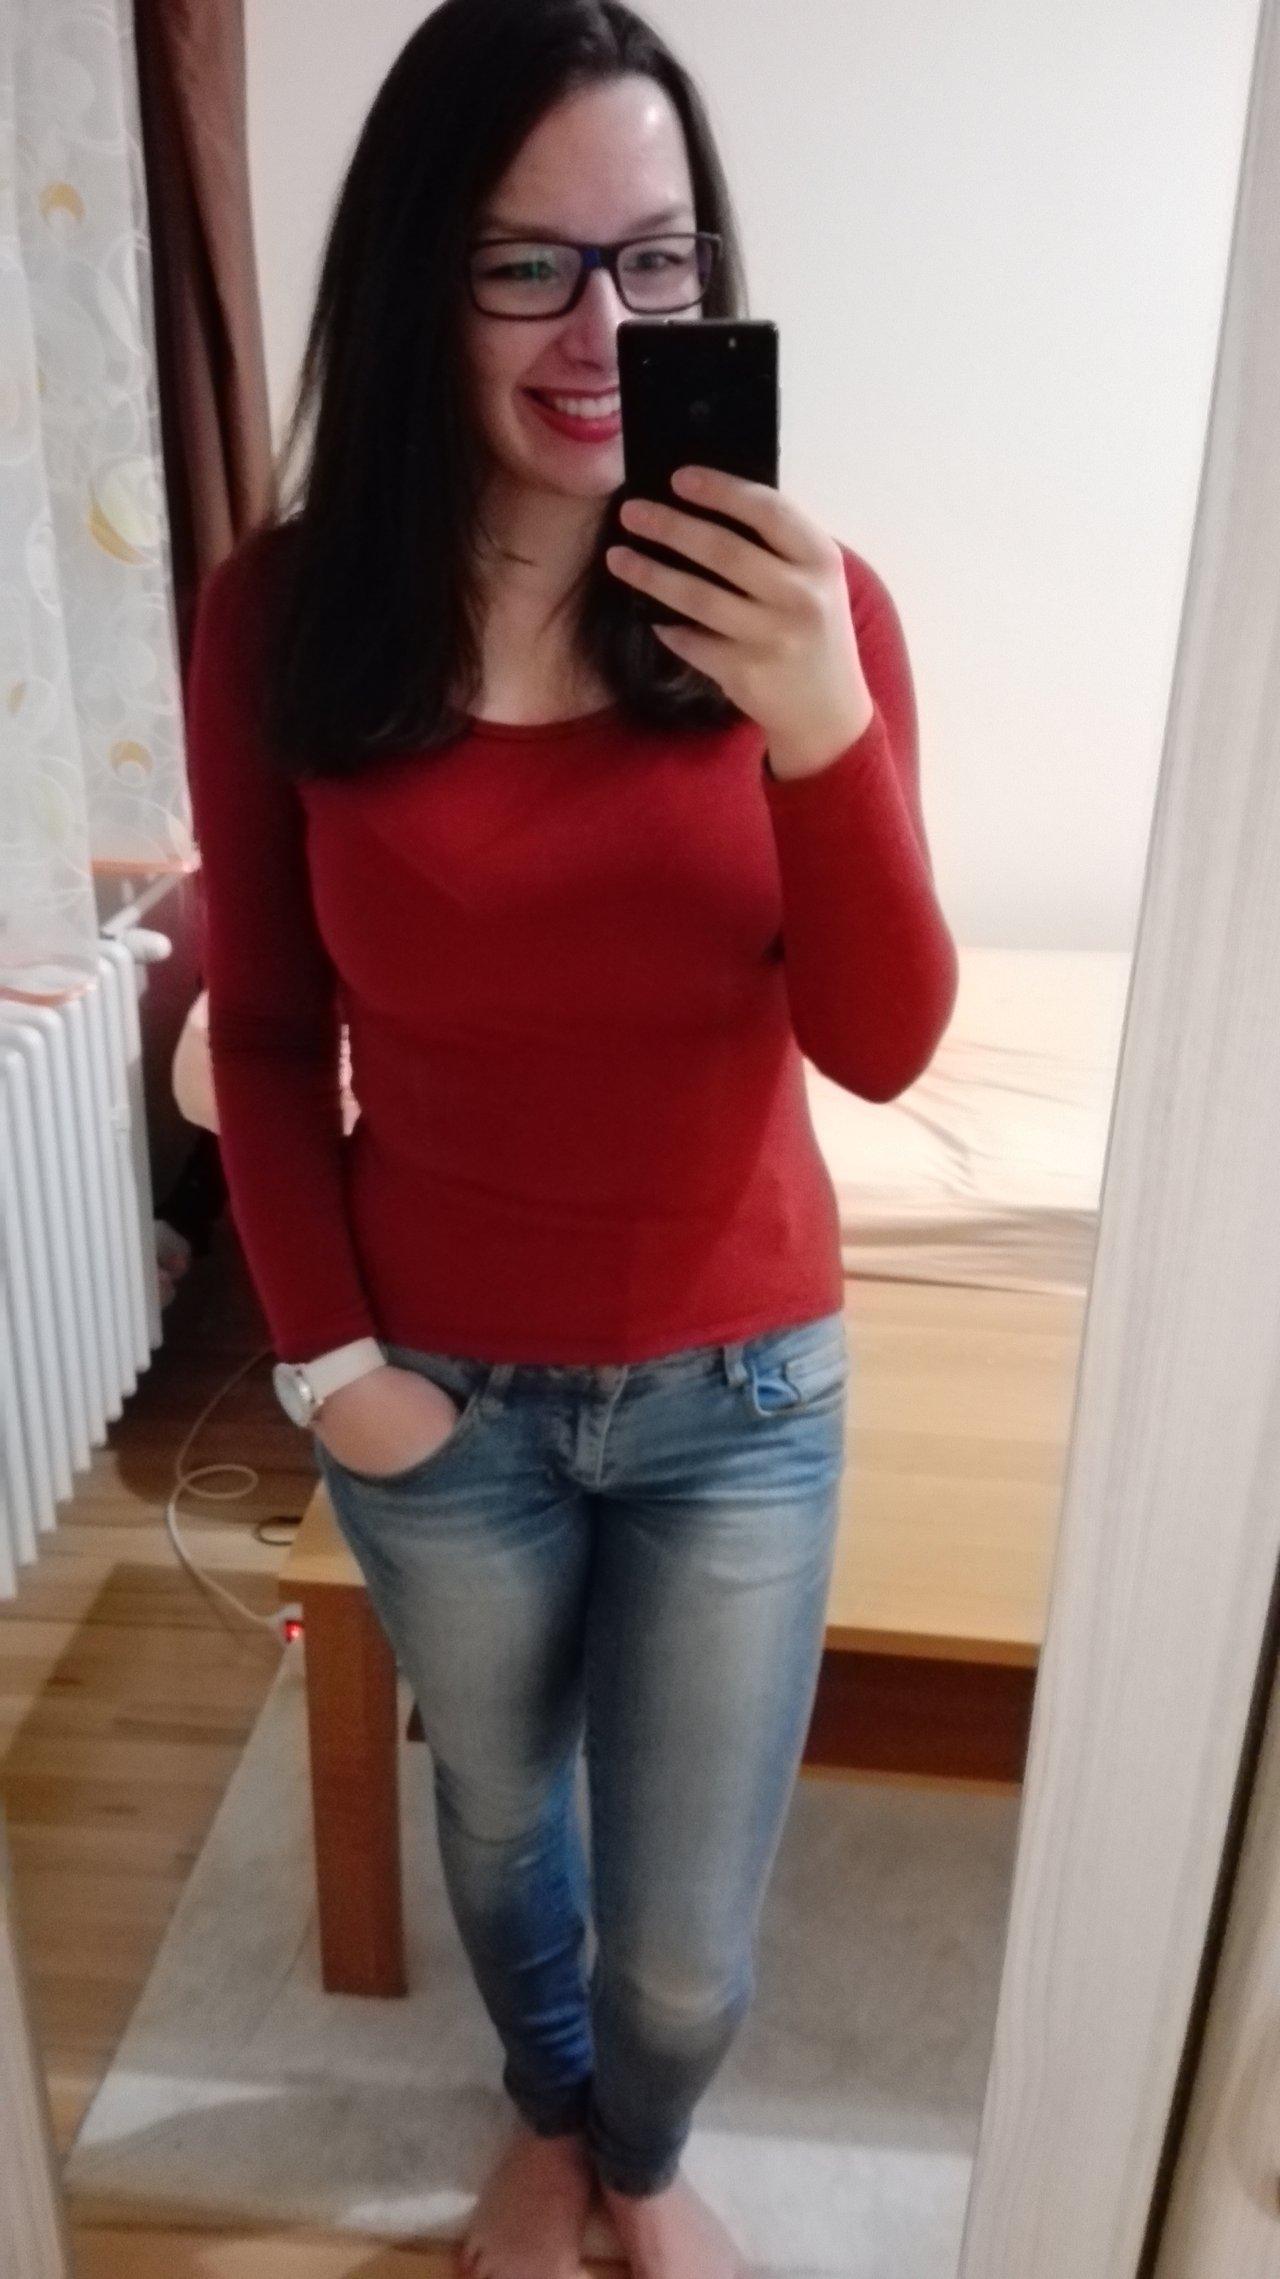 bda35e2c8c Konečne mám doma veľké zrkadlooo!  D odolávať selfie bude o dosť ťažšie